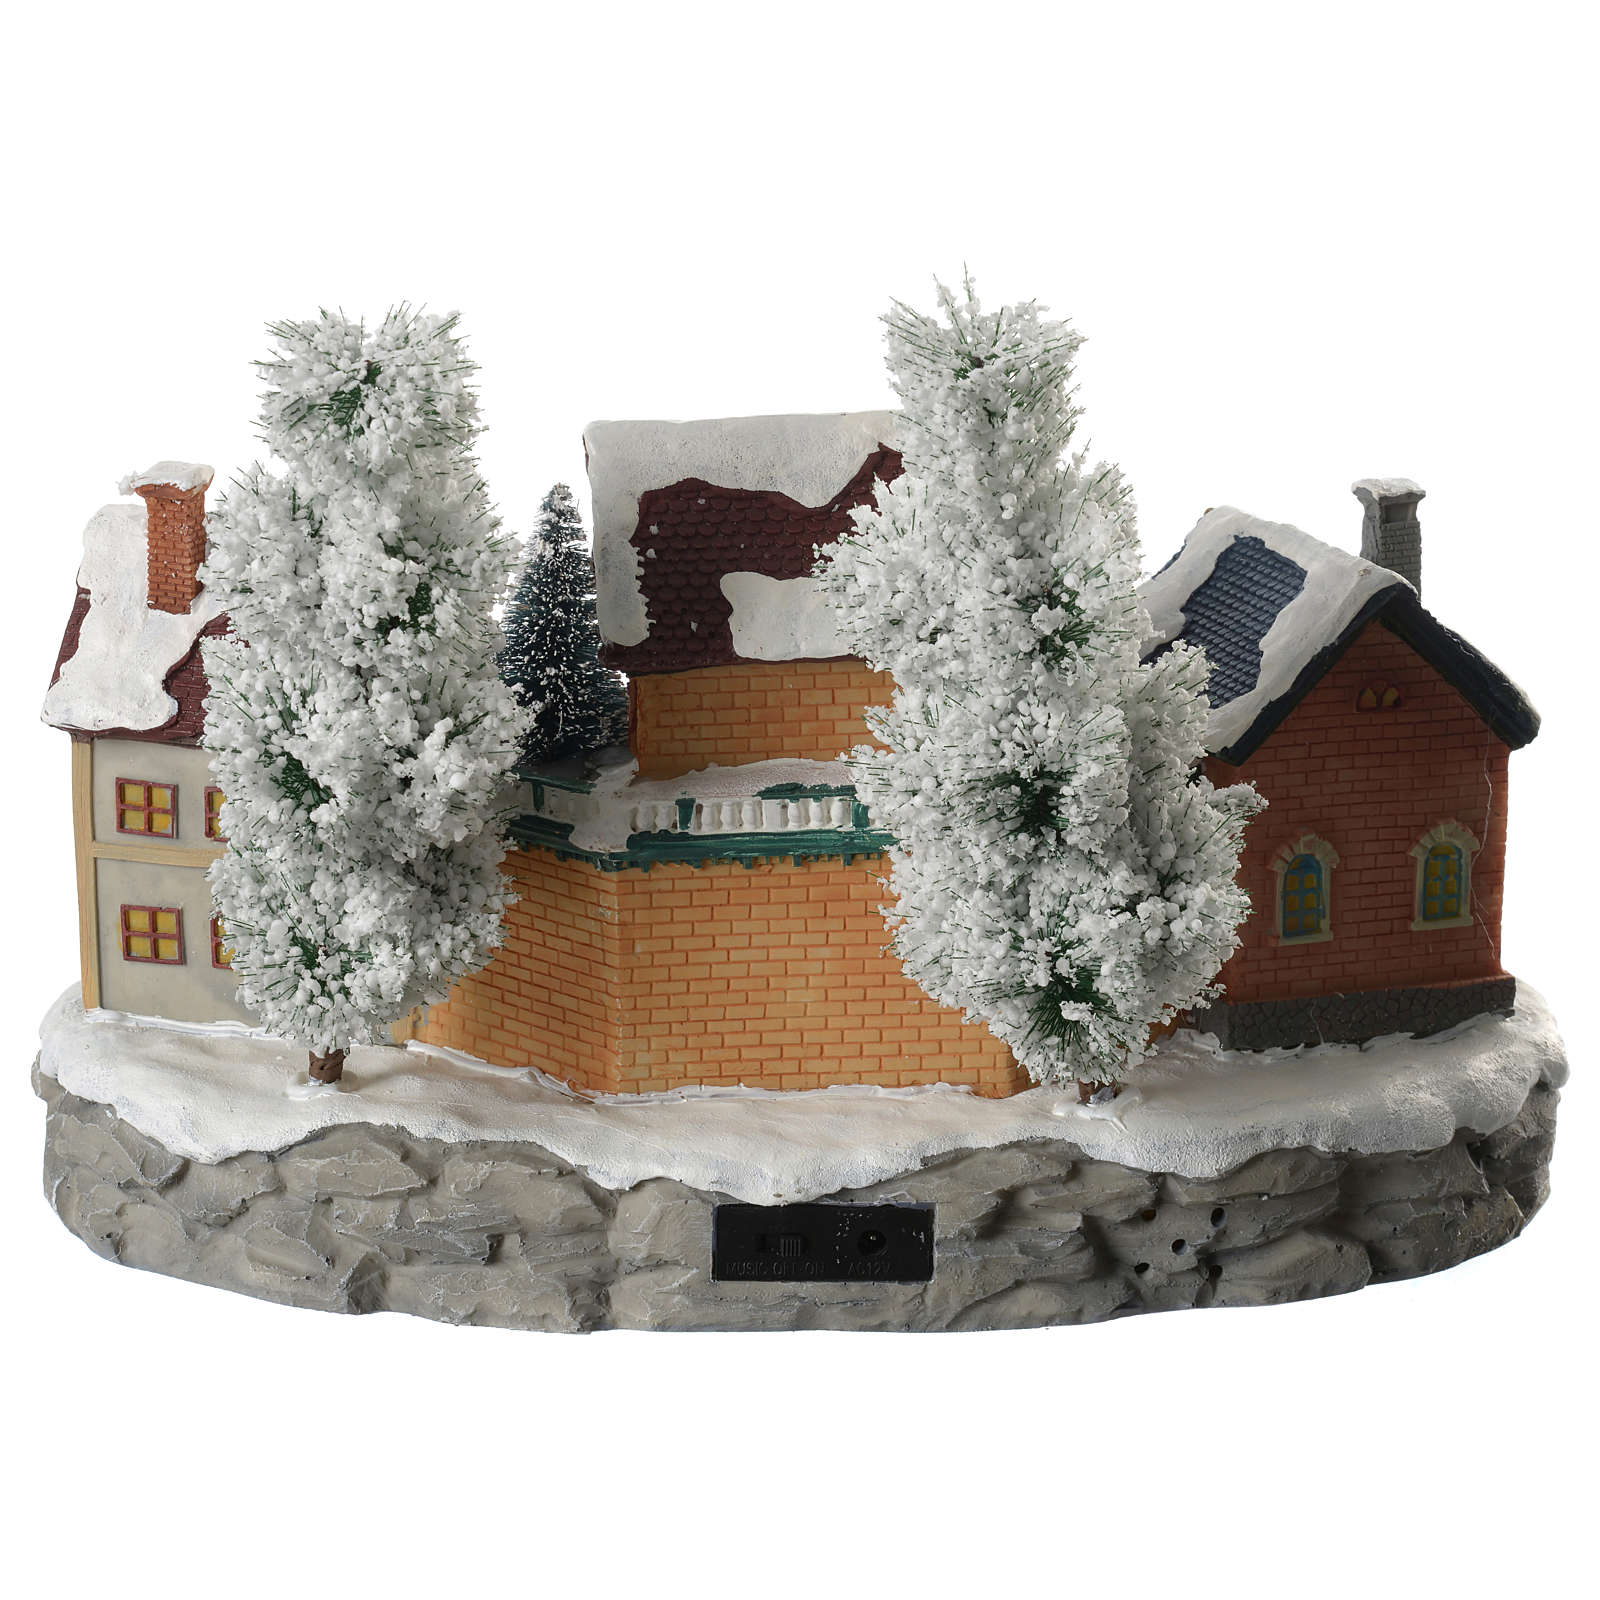 Villaggio invernale con trenino in movimento 35x20x25 cm 3